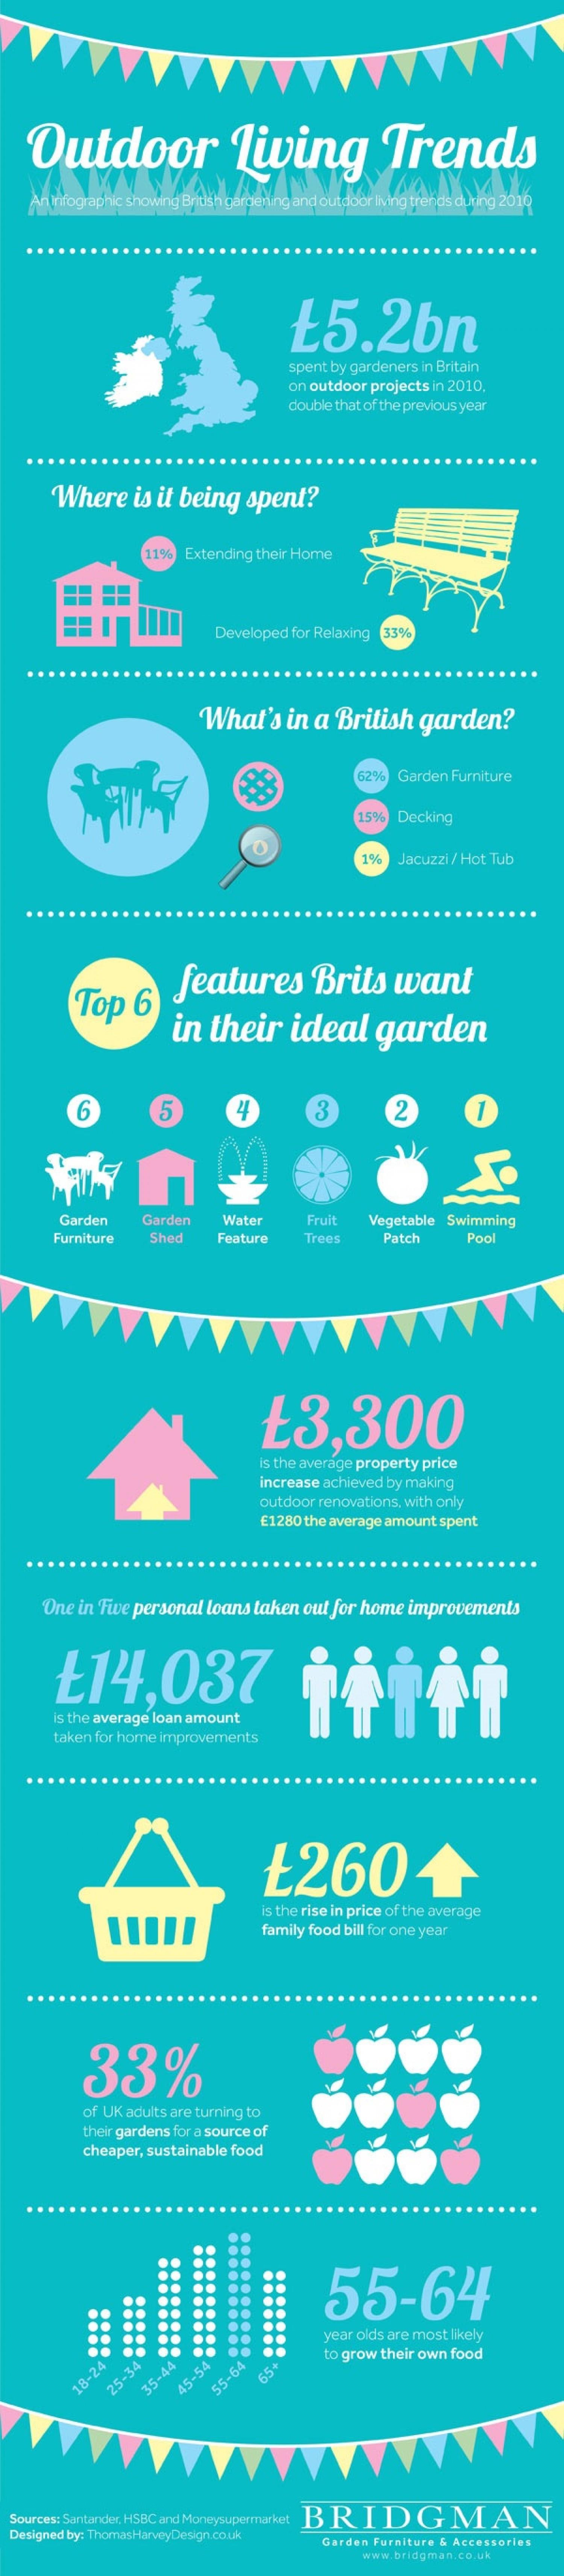 9. Garden & Home Improvement Trends